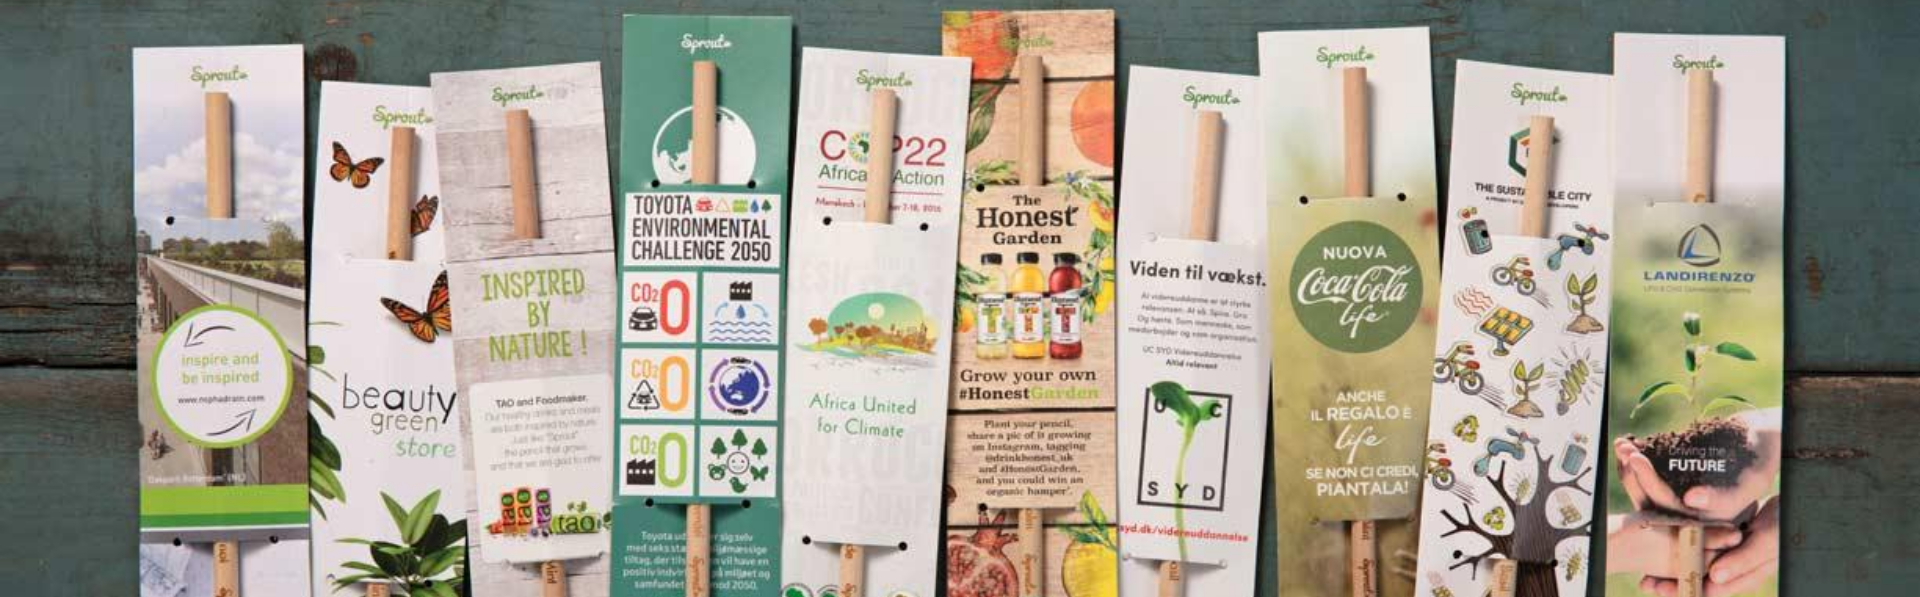 Regali Aziendali Green: Sprout, la matita che diventa una pianta